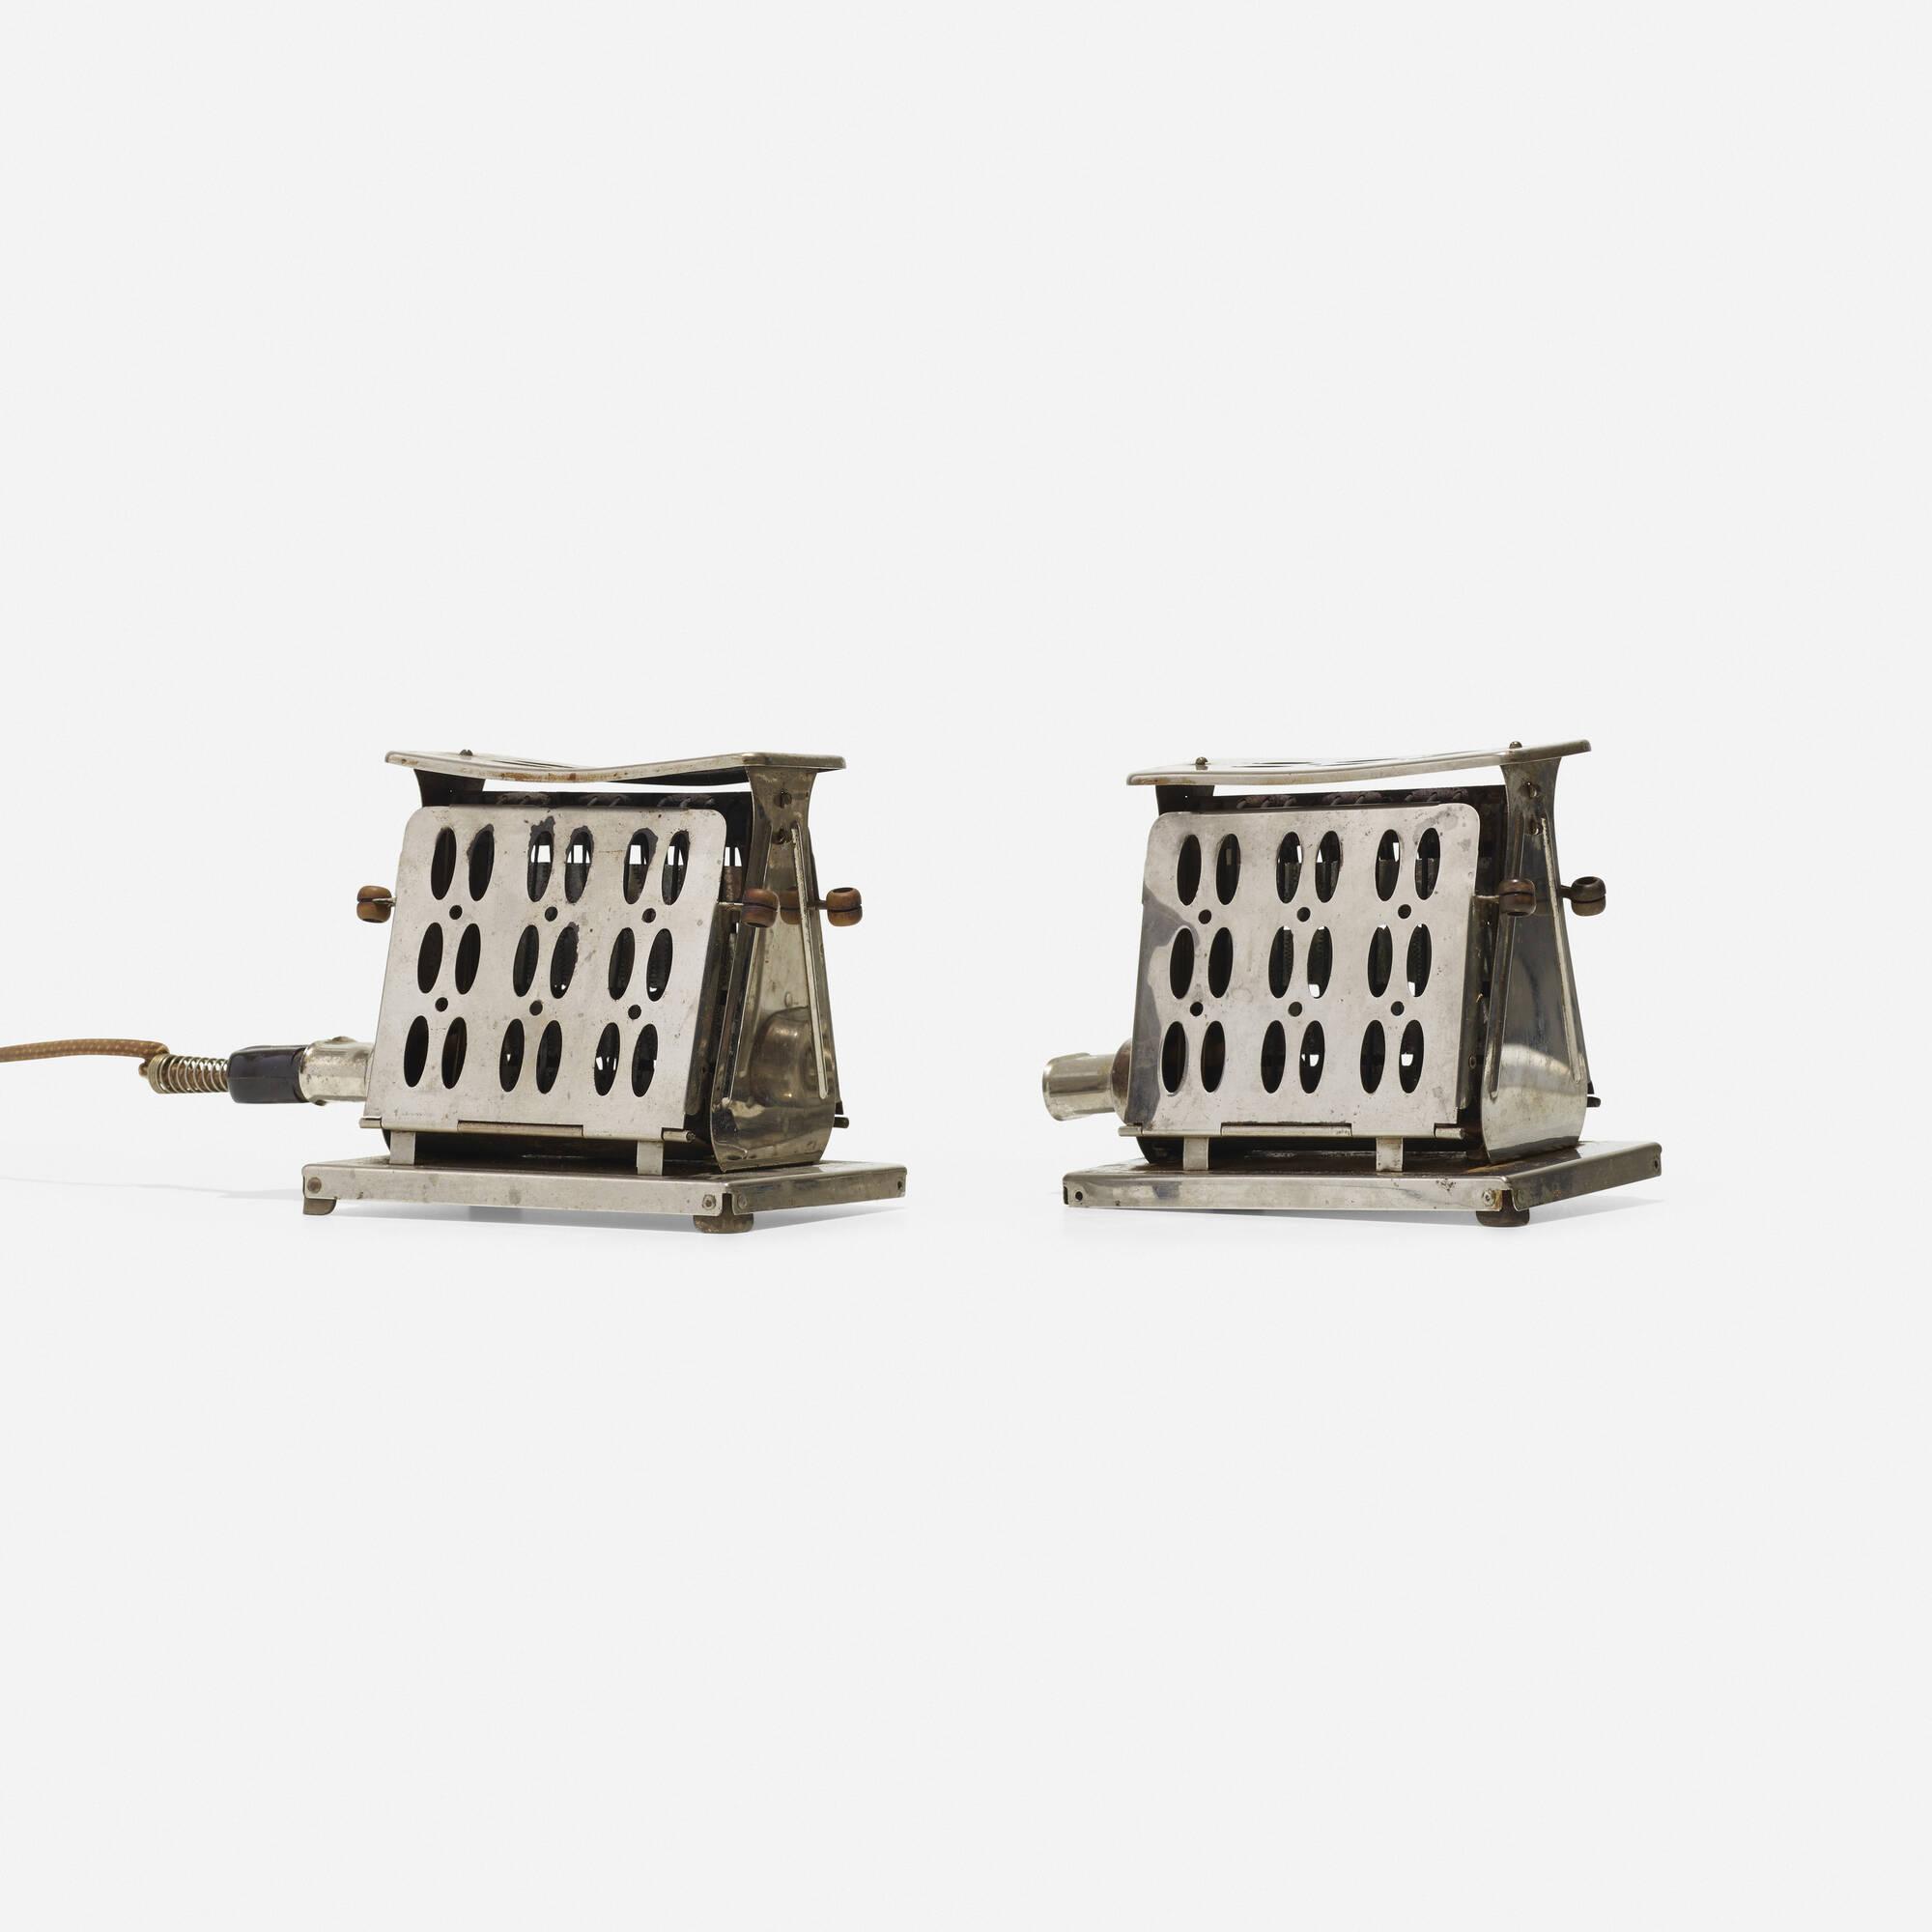 301: AEG / toasters, pair (1 of 2)